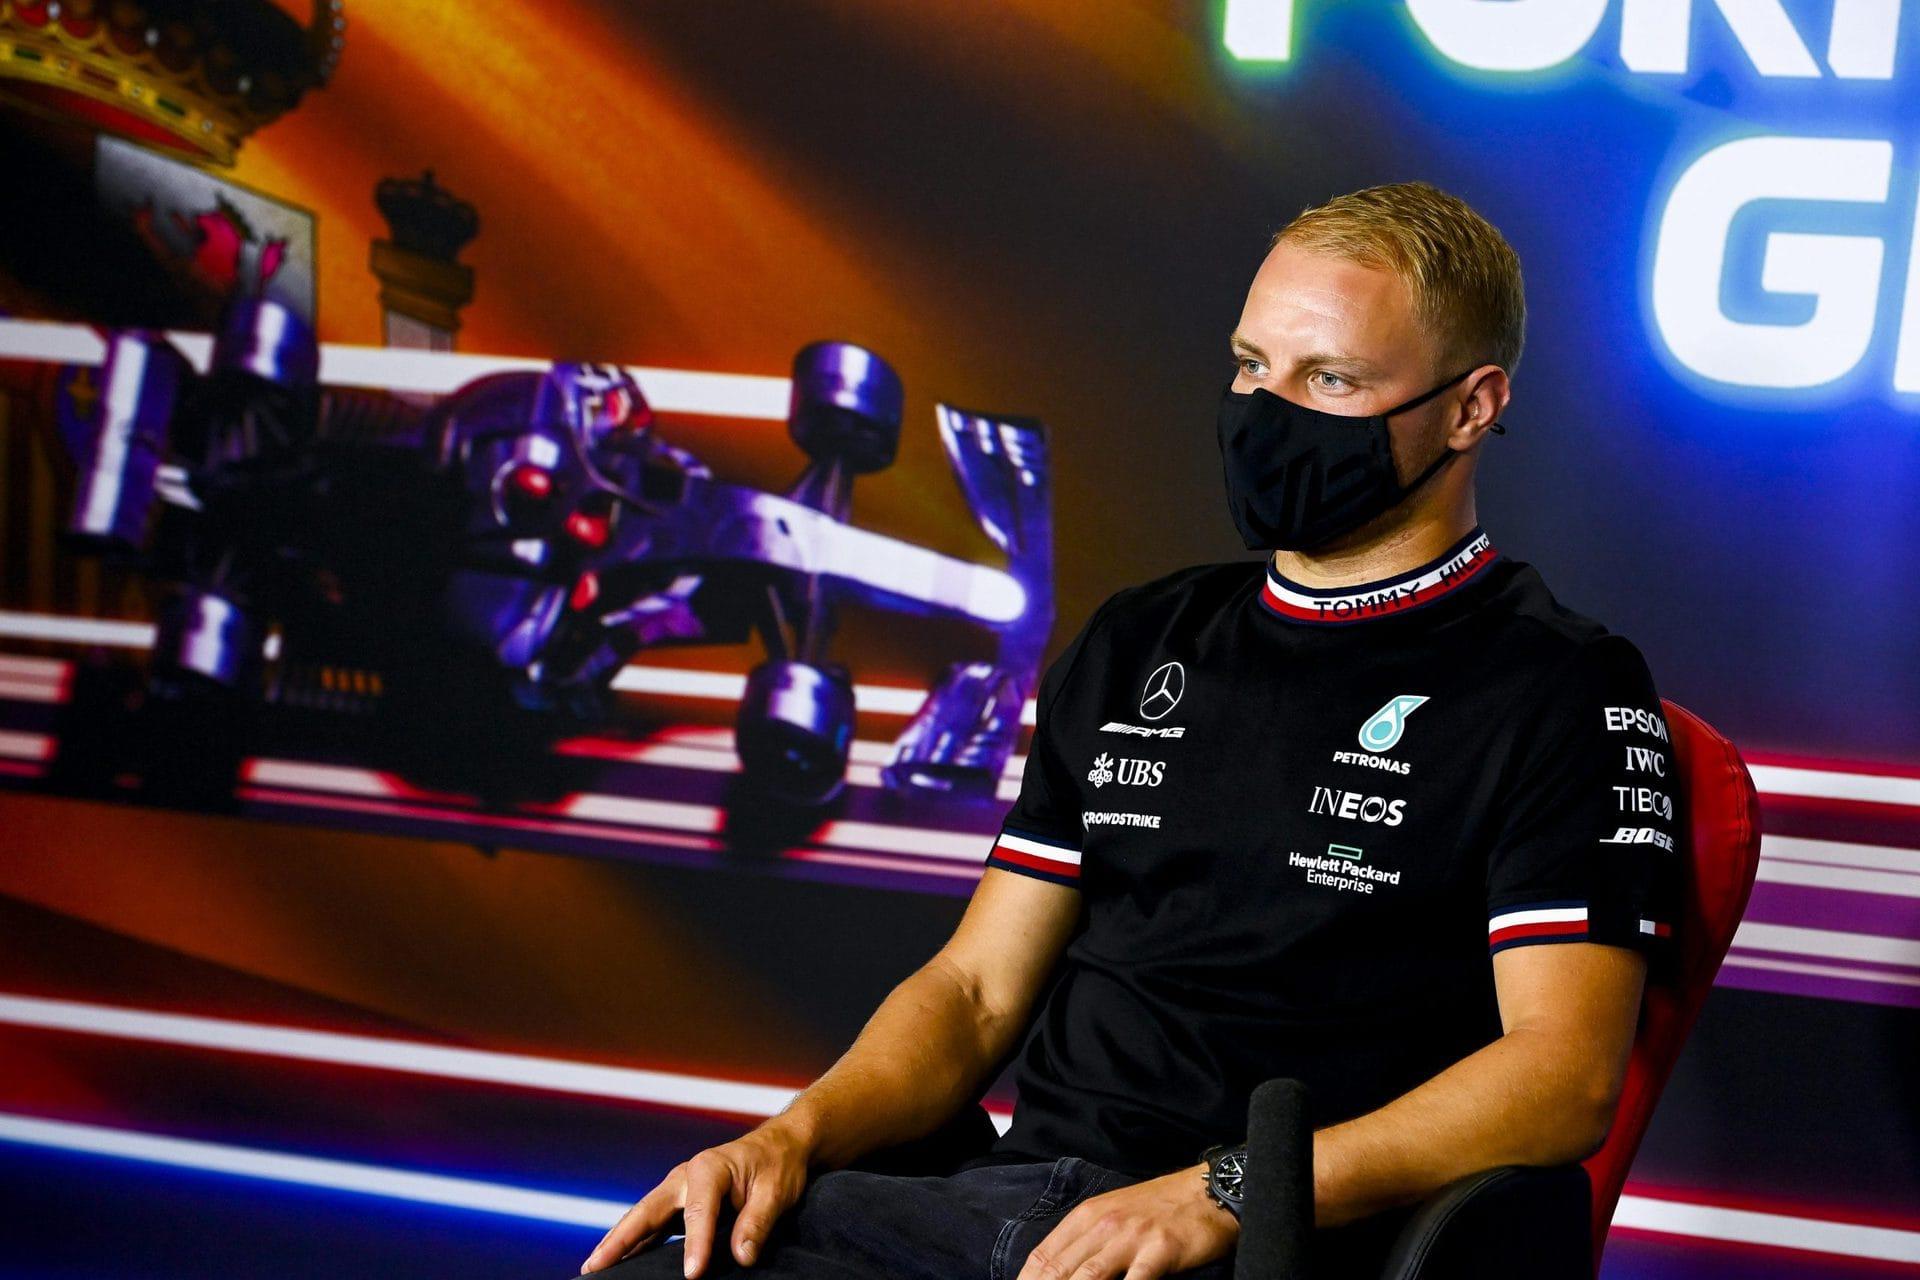 Darüber spricht das Fahrerlager der Formel 1 in Spanien Grand Prix in Katalonien